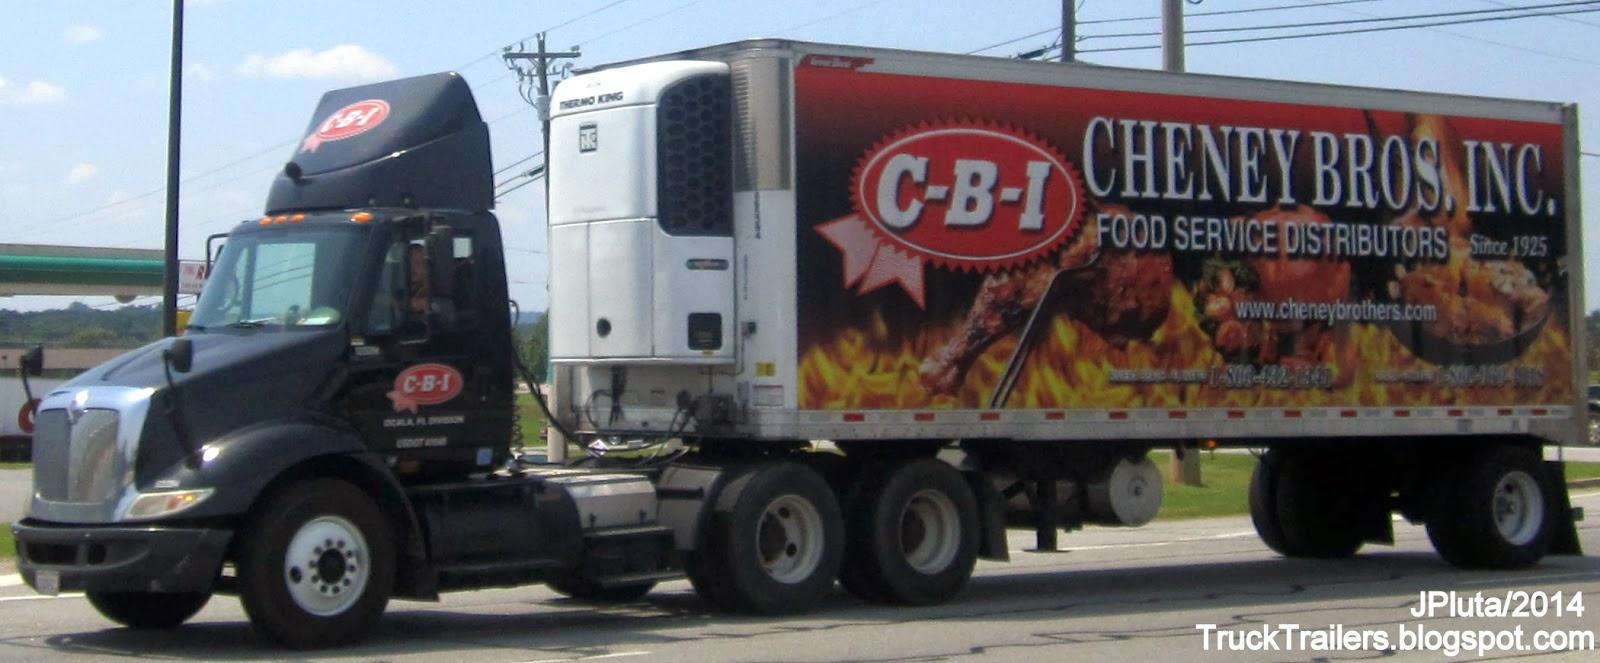 Refrigerated Food Delivery Van Service Florida